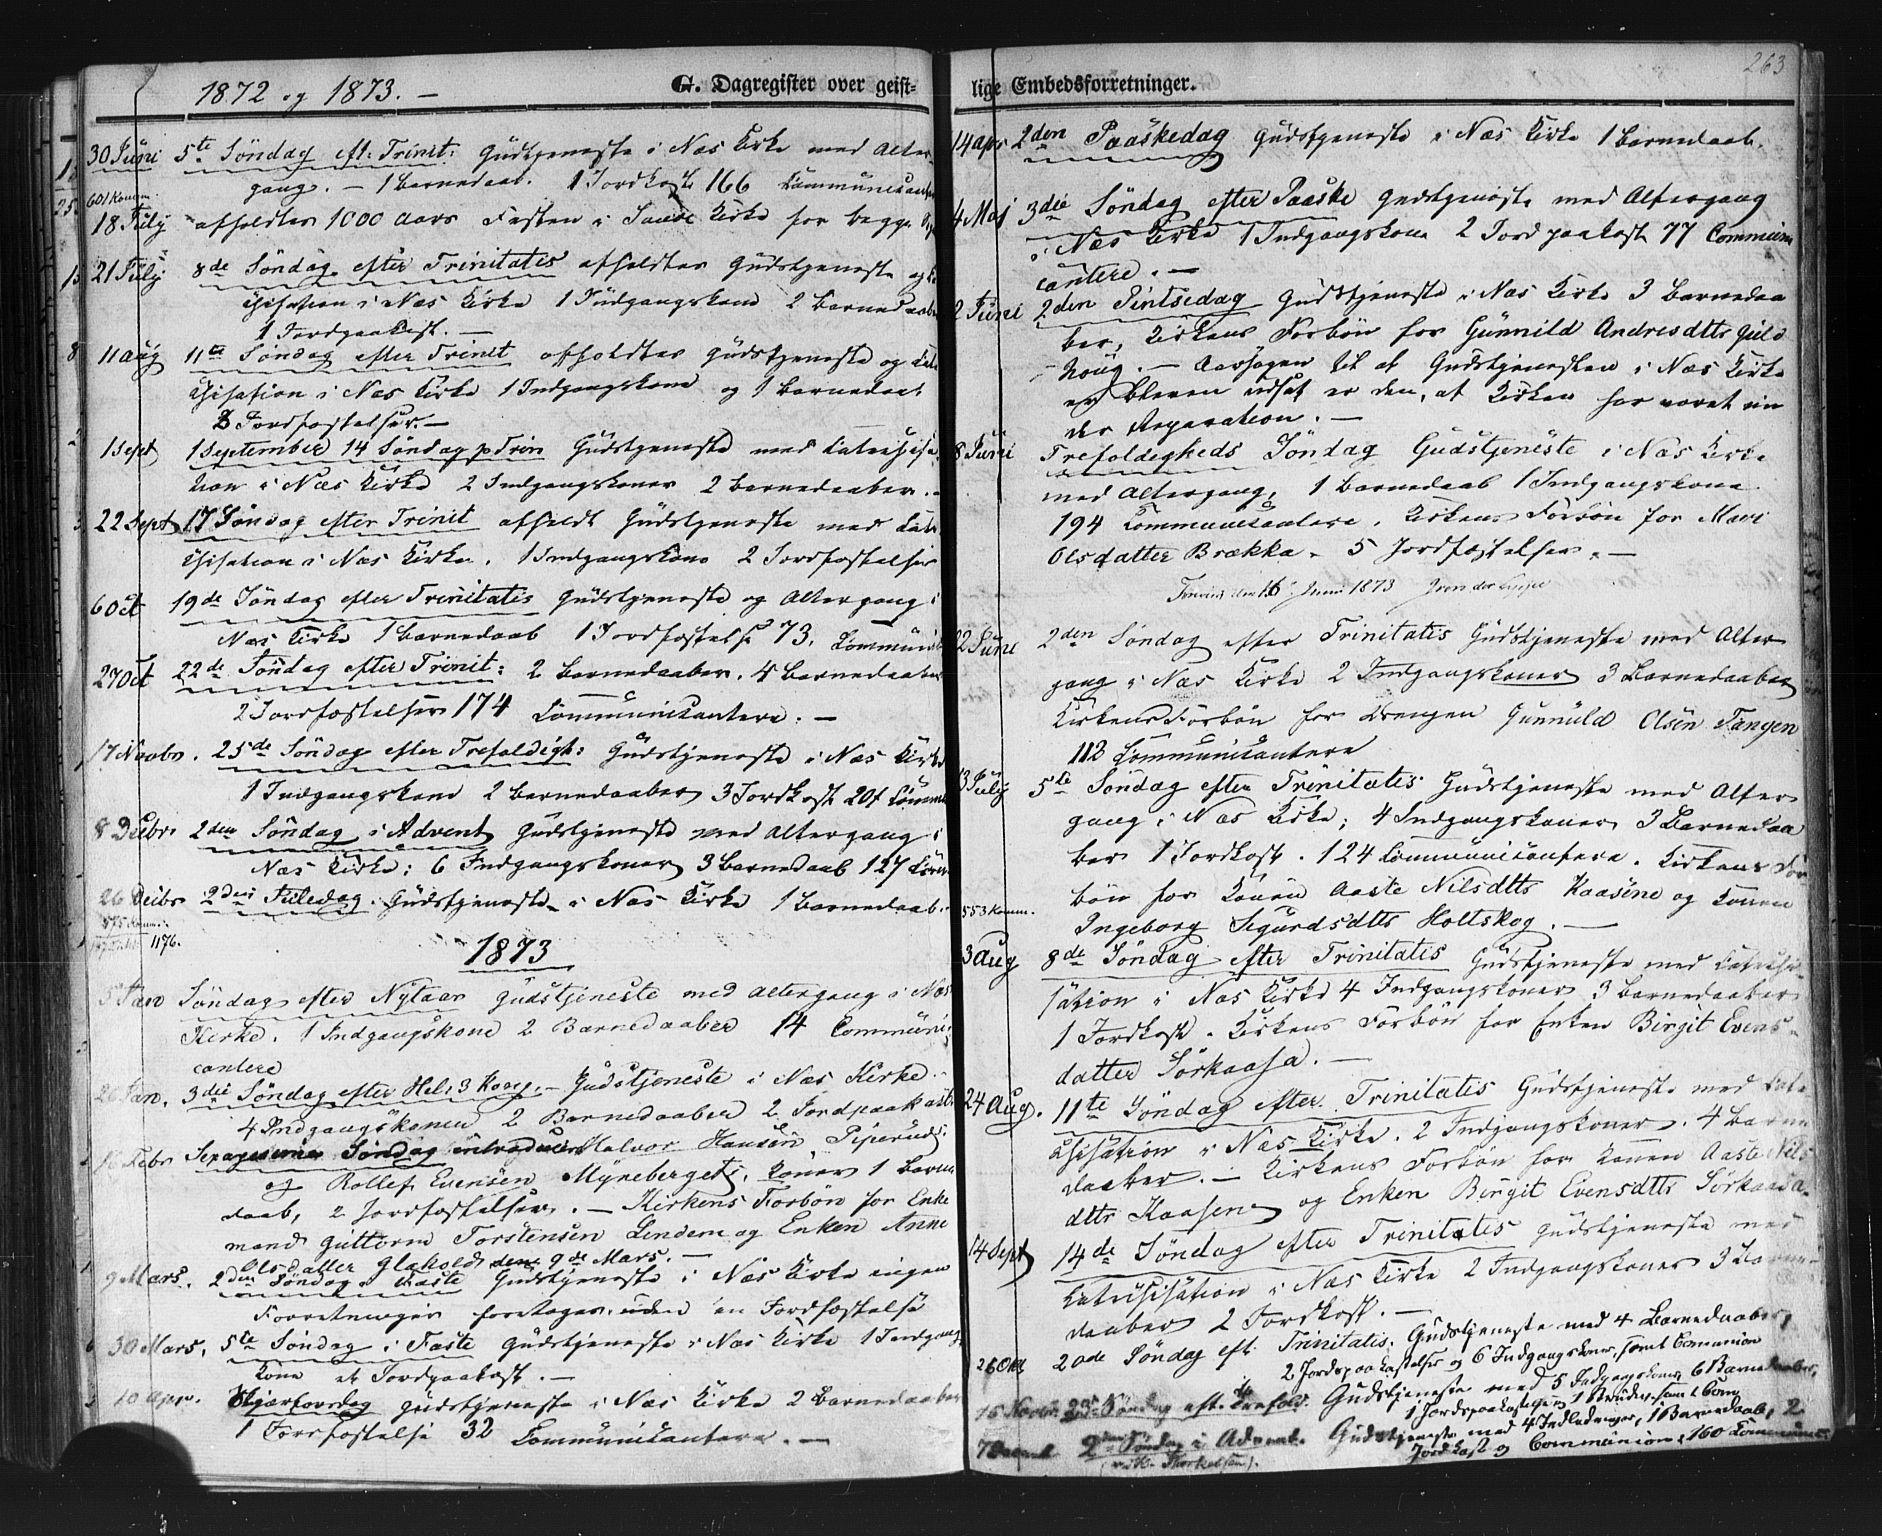 SAKO, Sauherad kirkebøker, F/Fb/L0001: Ministerialbok nr. II 1, 1851-1877, s. 263